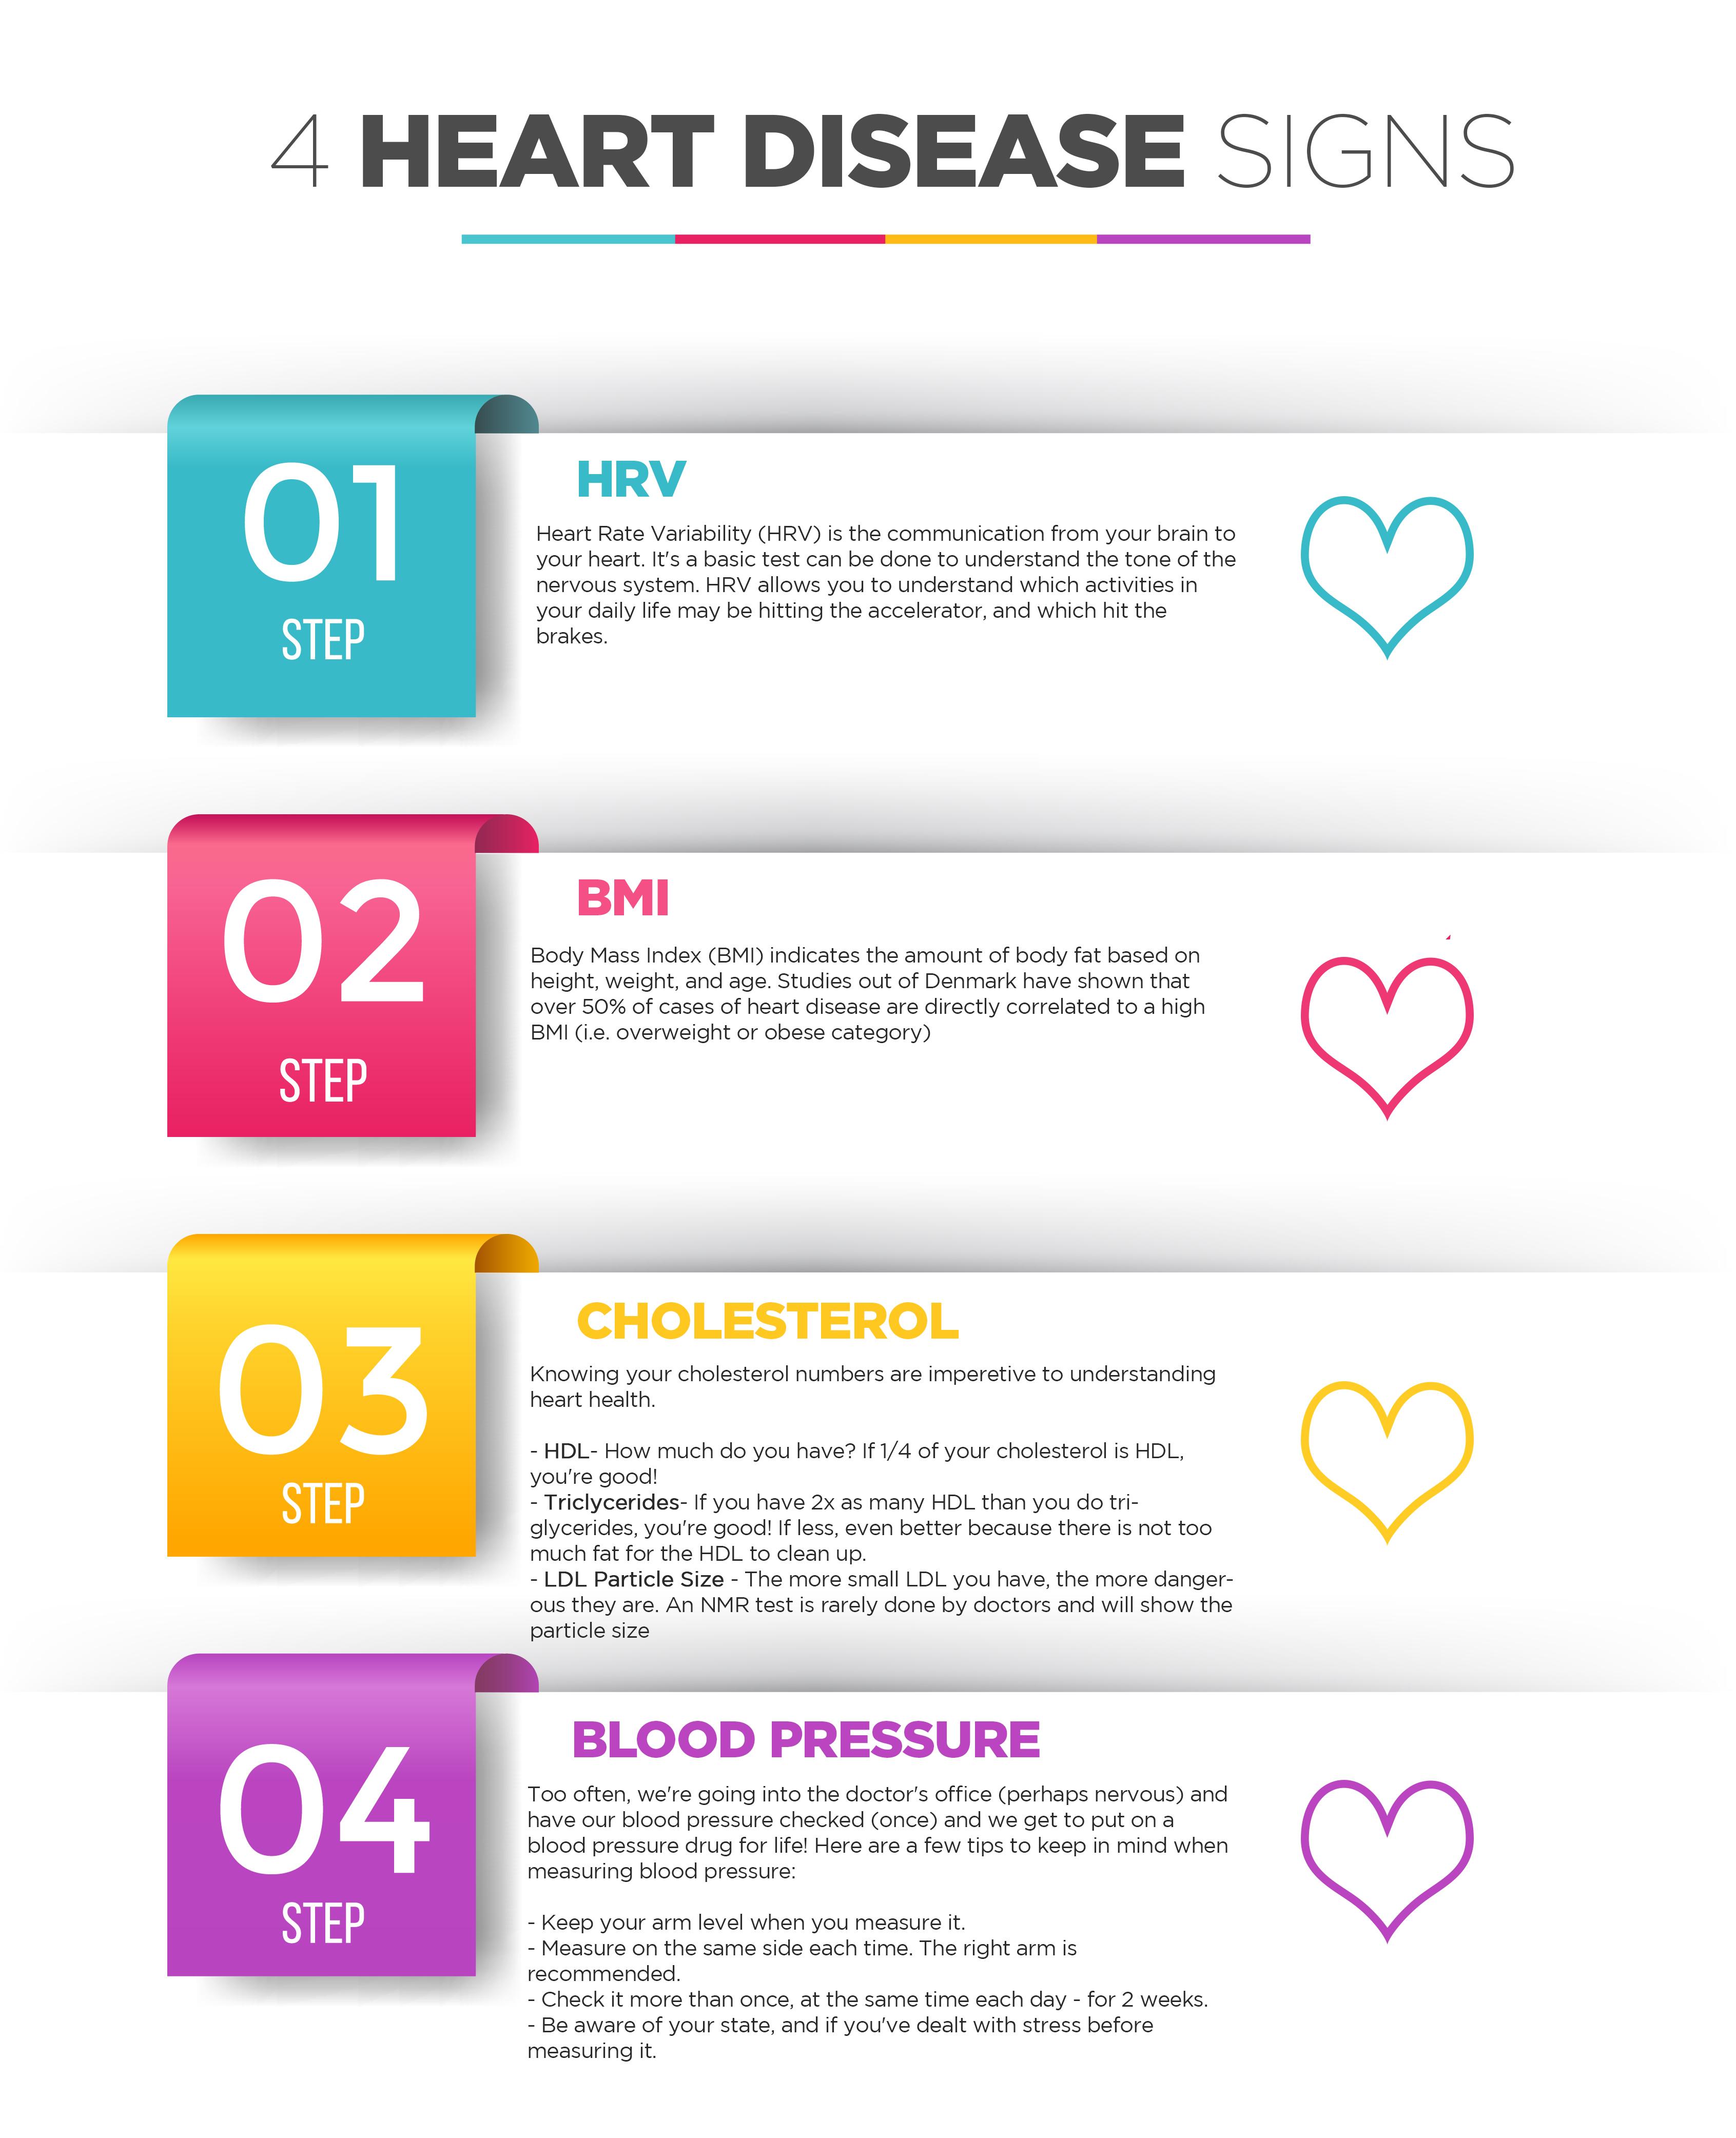 4 Heart Disease Signs